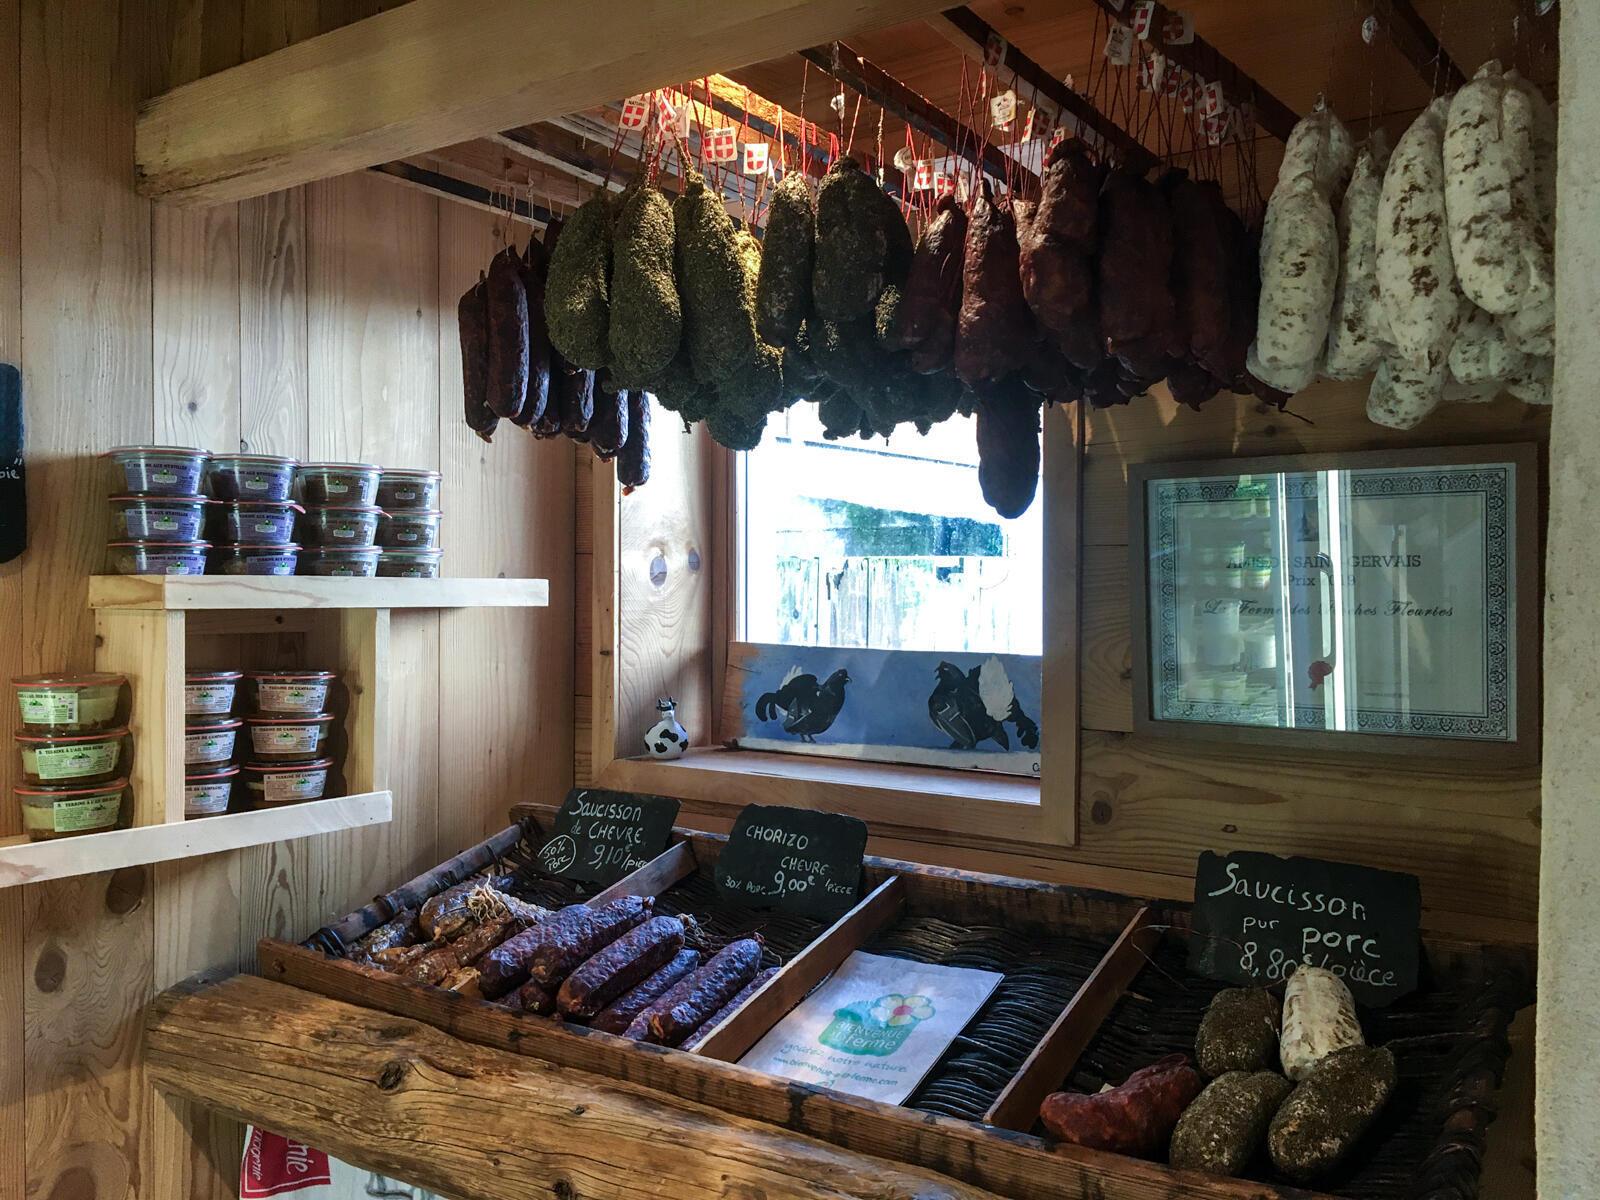 Магазин на ферме в Сен-Жерве.